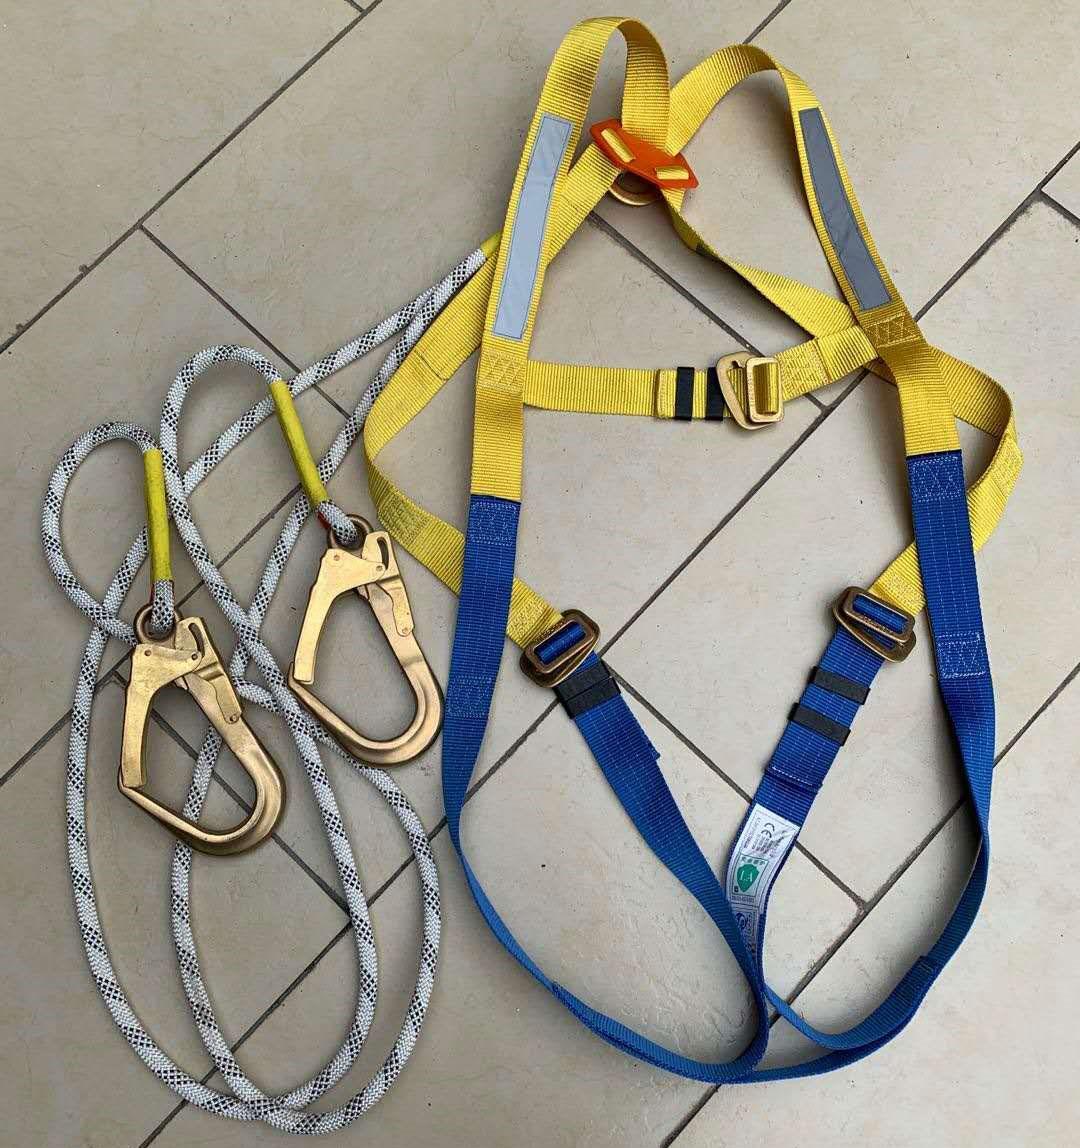 释放静电全身式安全带,防静电防坠落欧式双大钩安全带